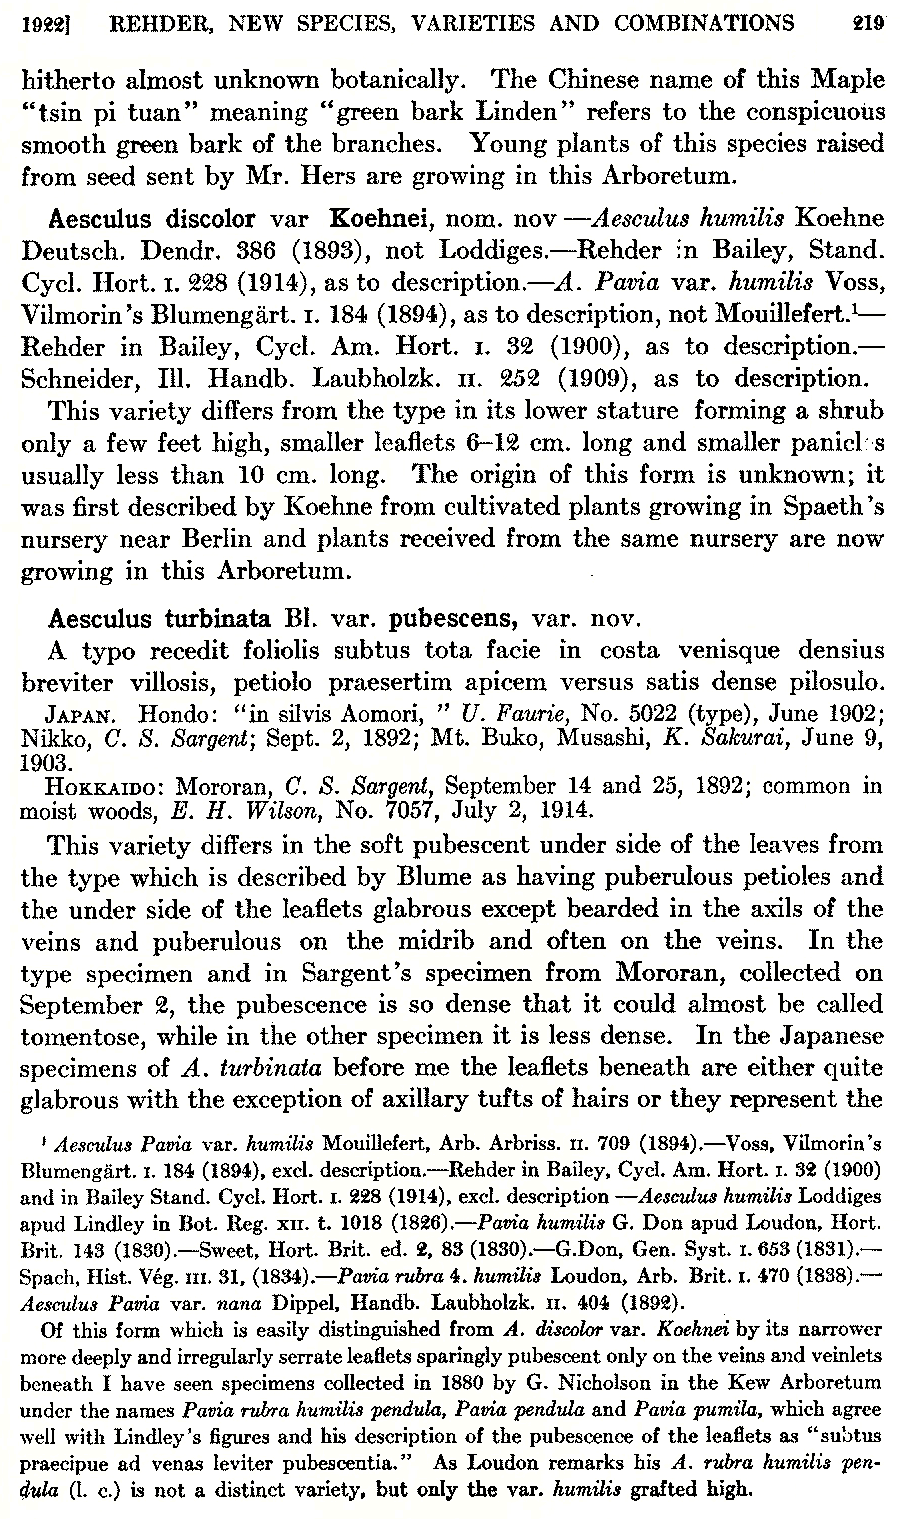 https://forum.plantarium.ru/misc.php?action=pun_attachment&item=30397